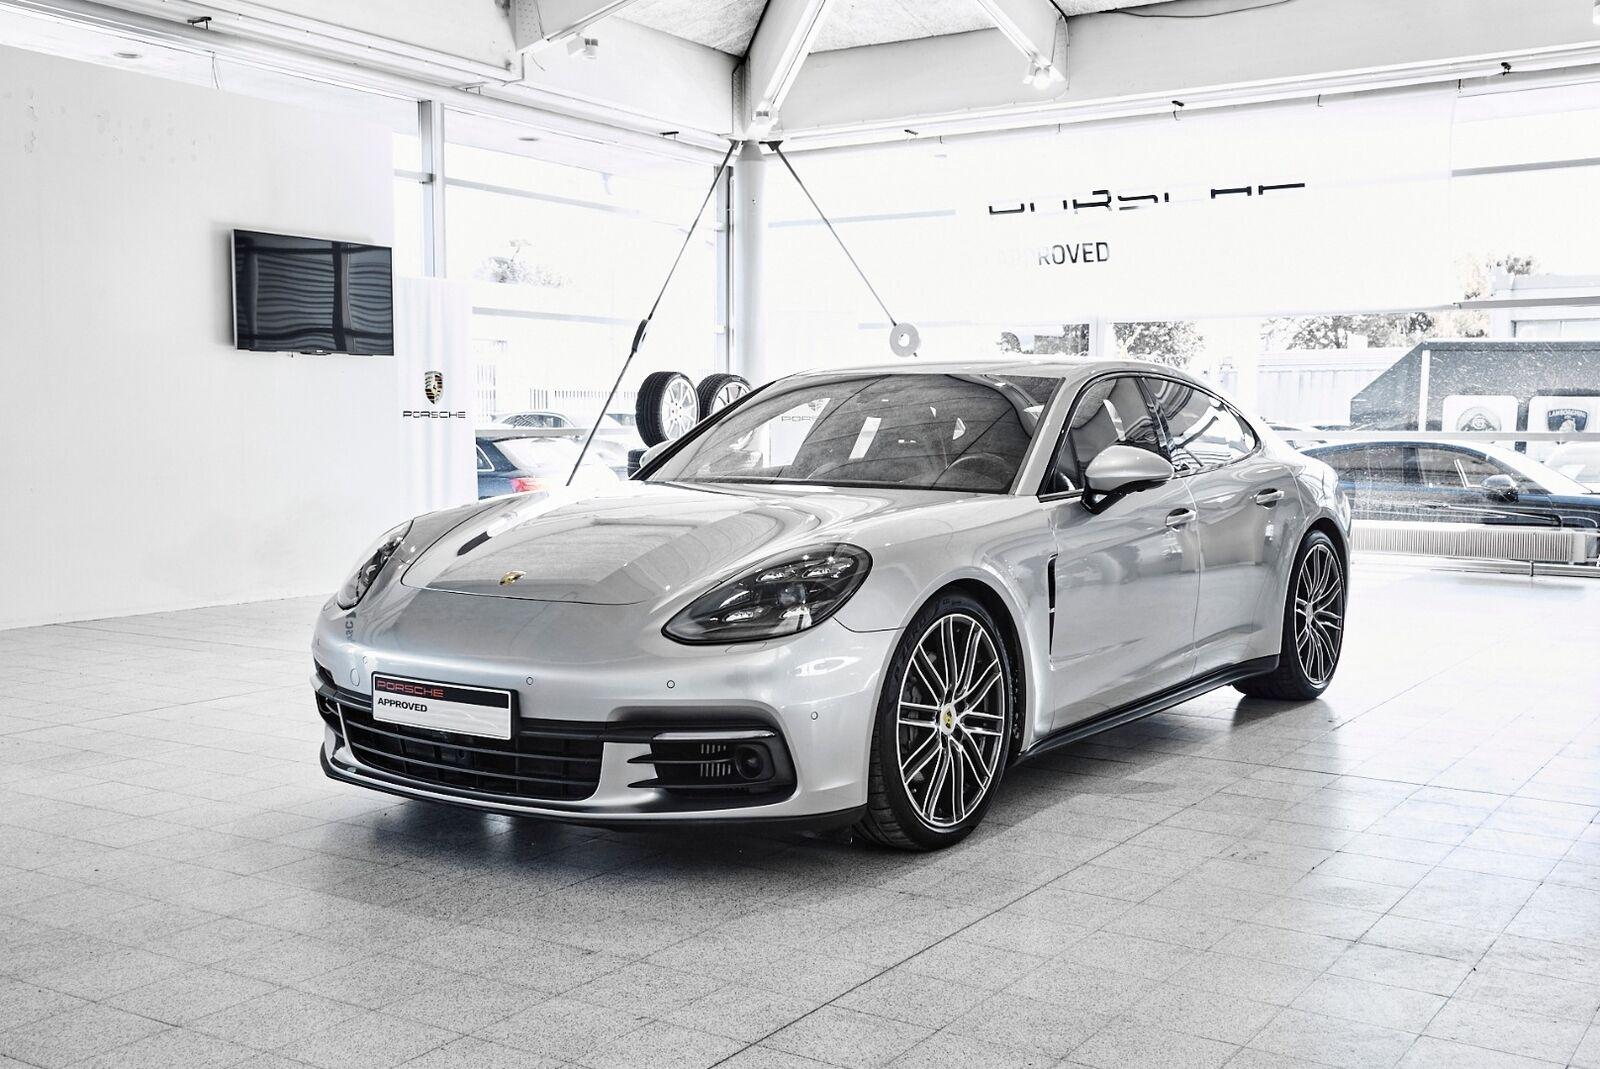 Porsche Panamera 4S 4,0 D PDK 5d - 7.750 kr.